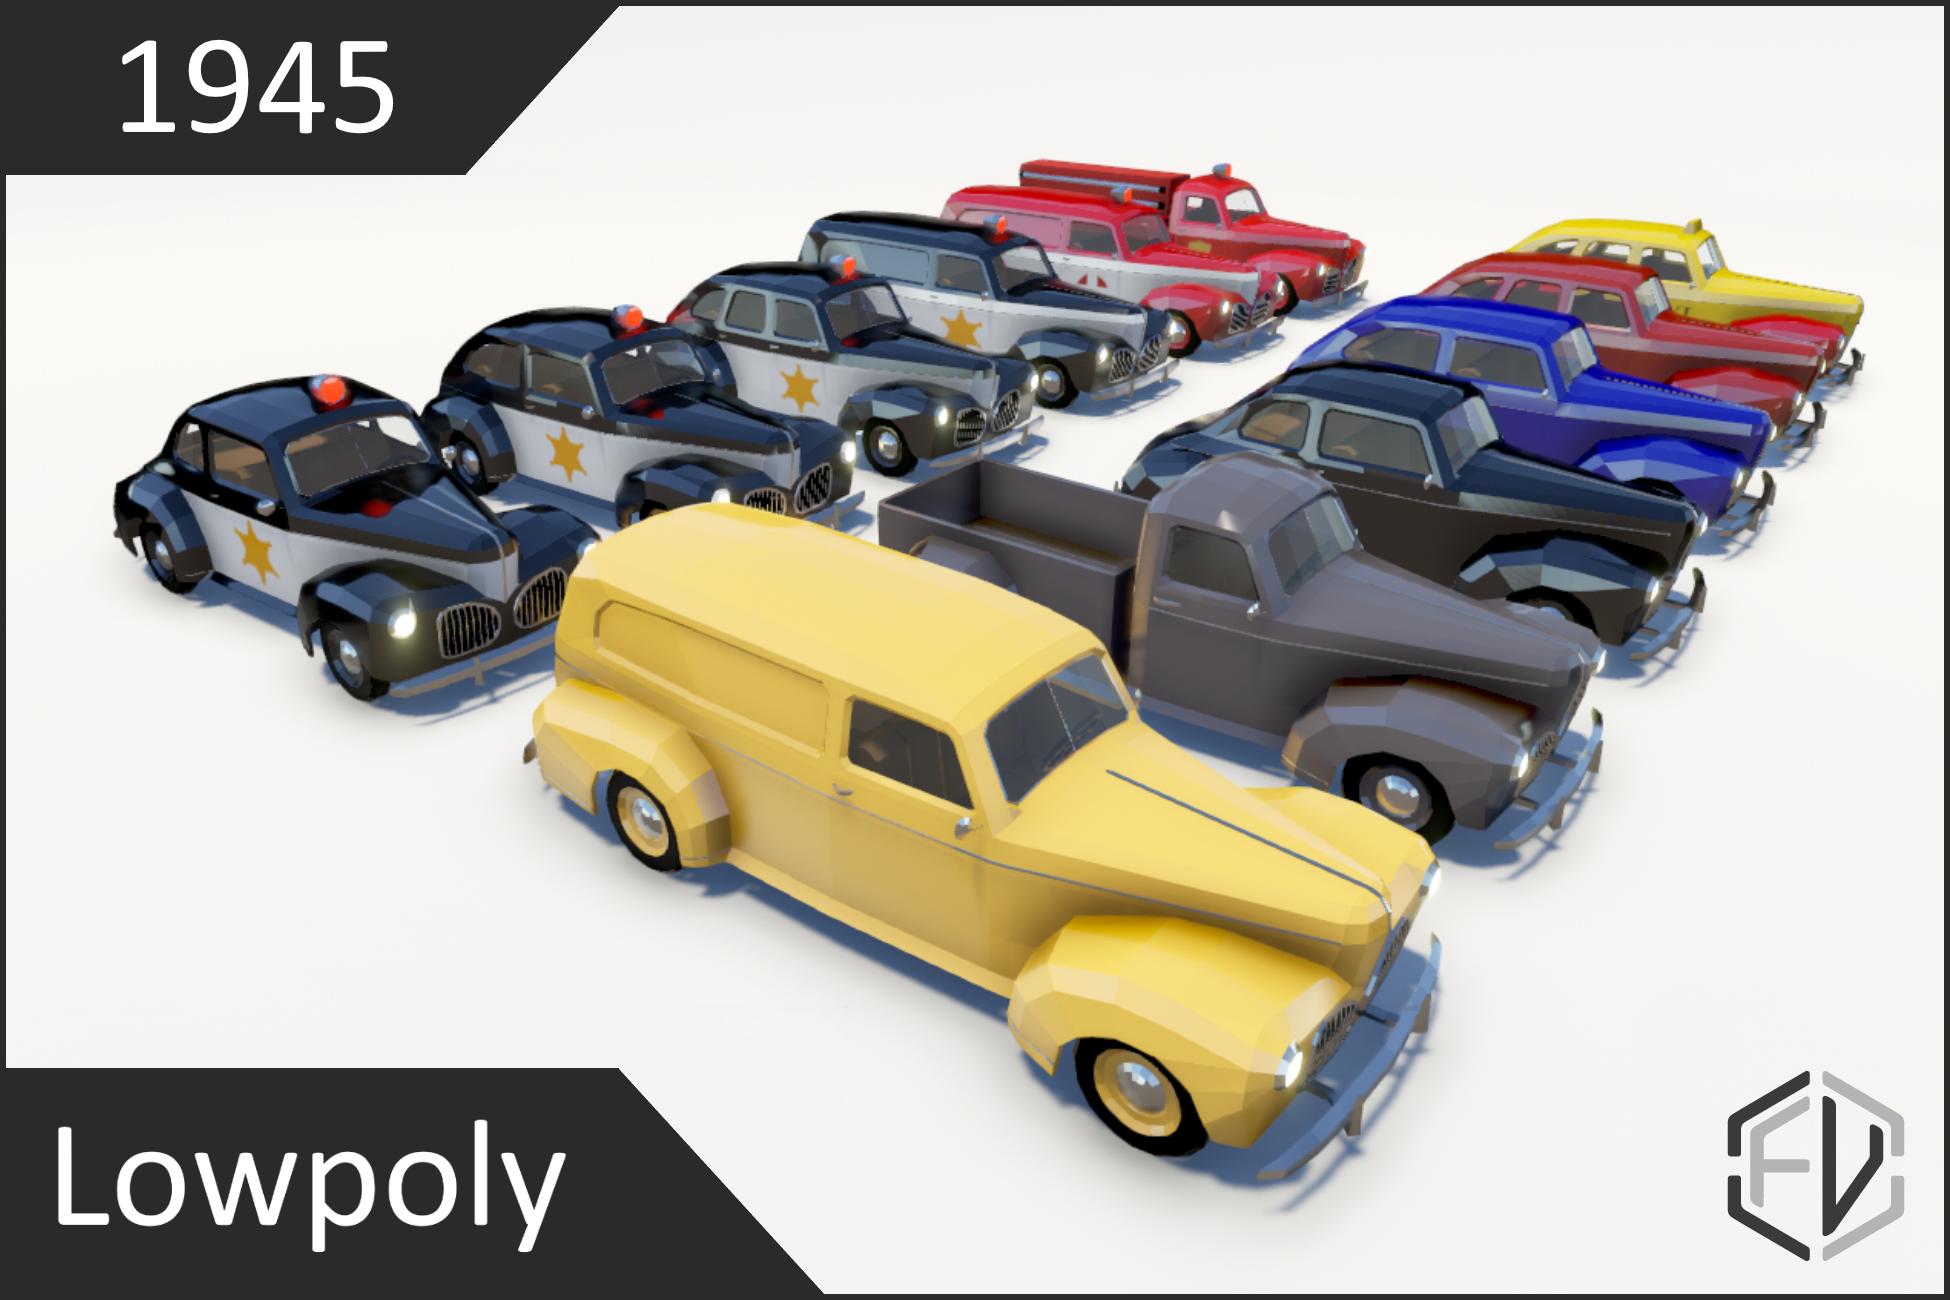 Lowpoly Vintage Car Pack 1940